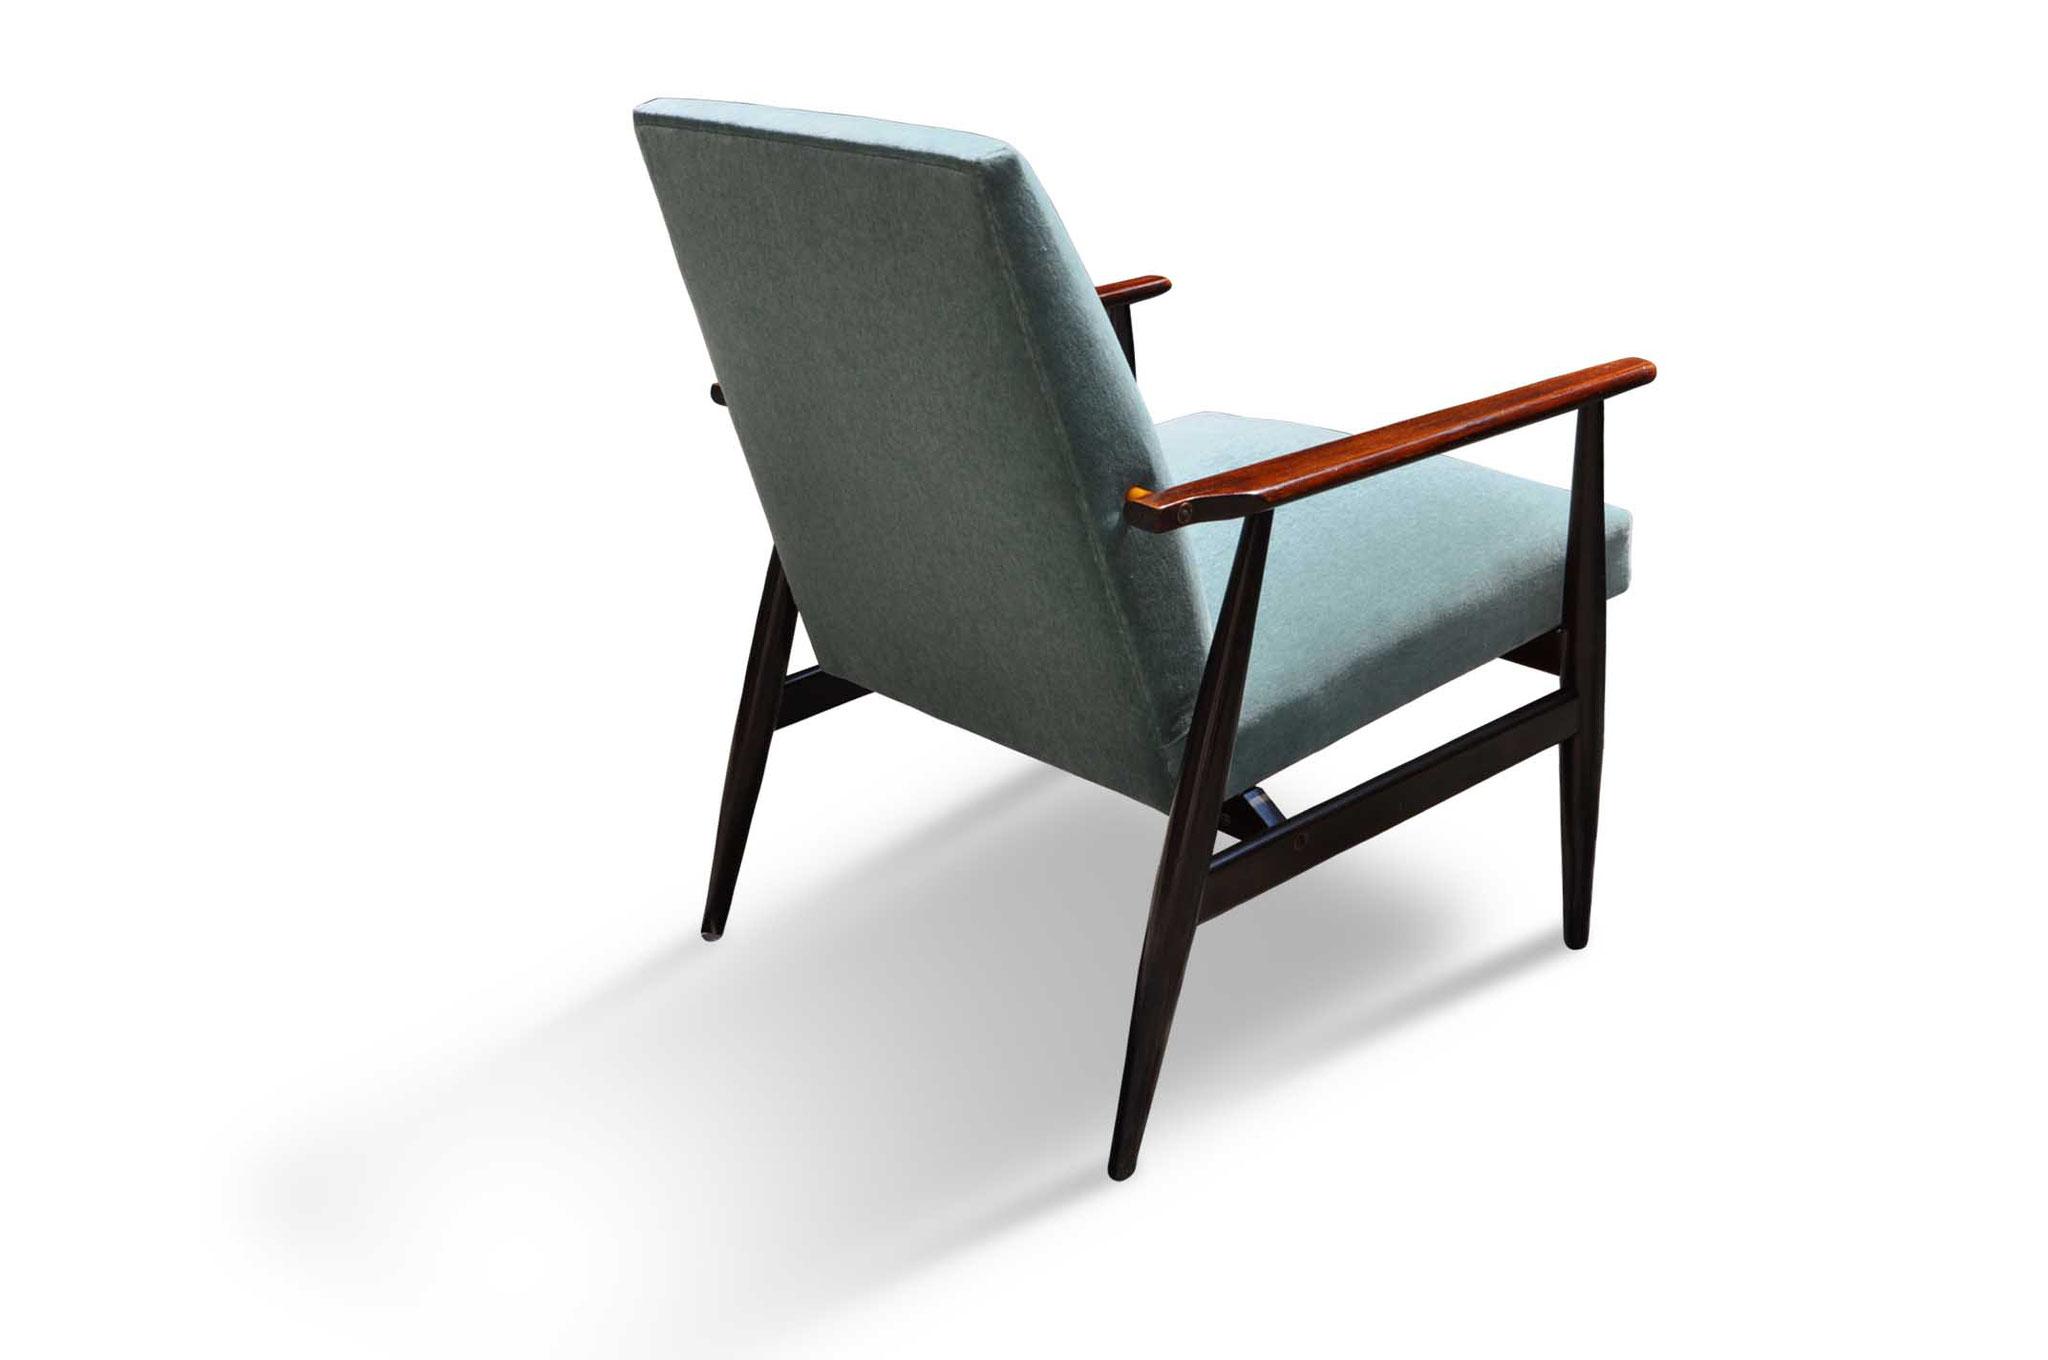 Poltrona design scandinavo anni 50